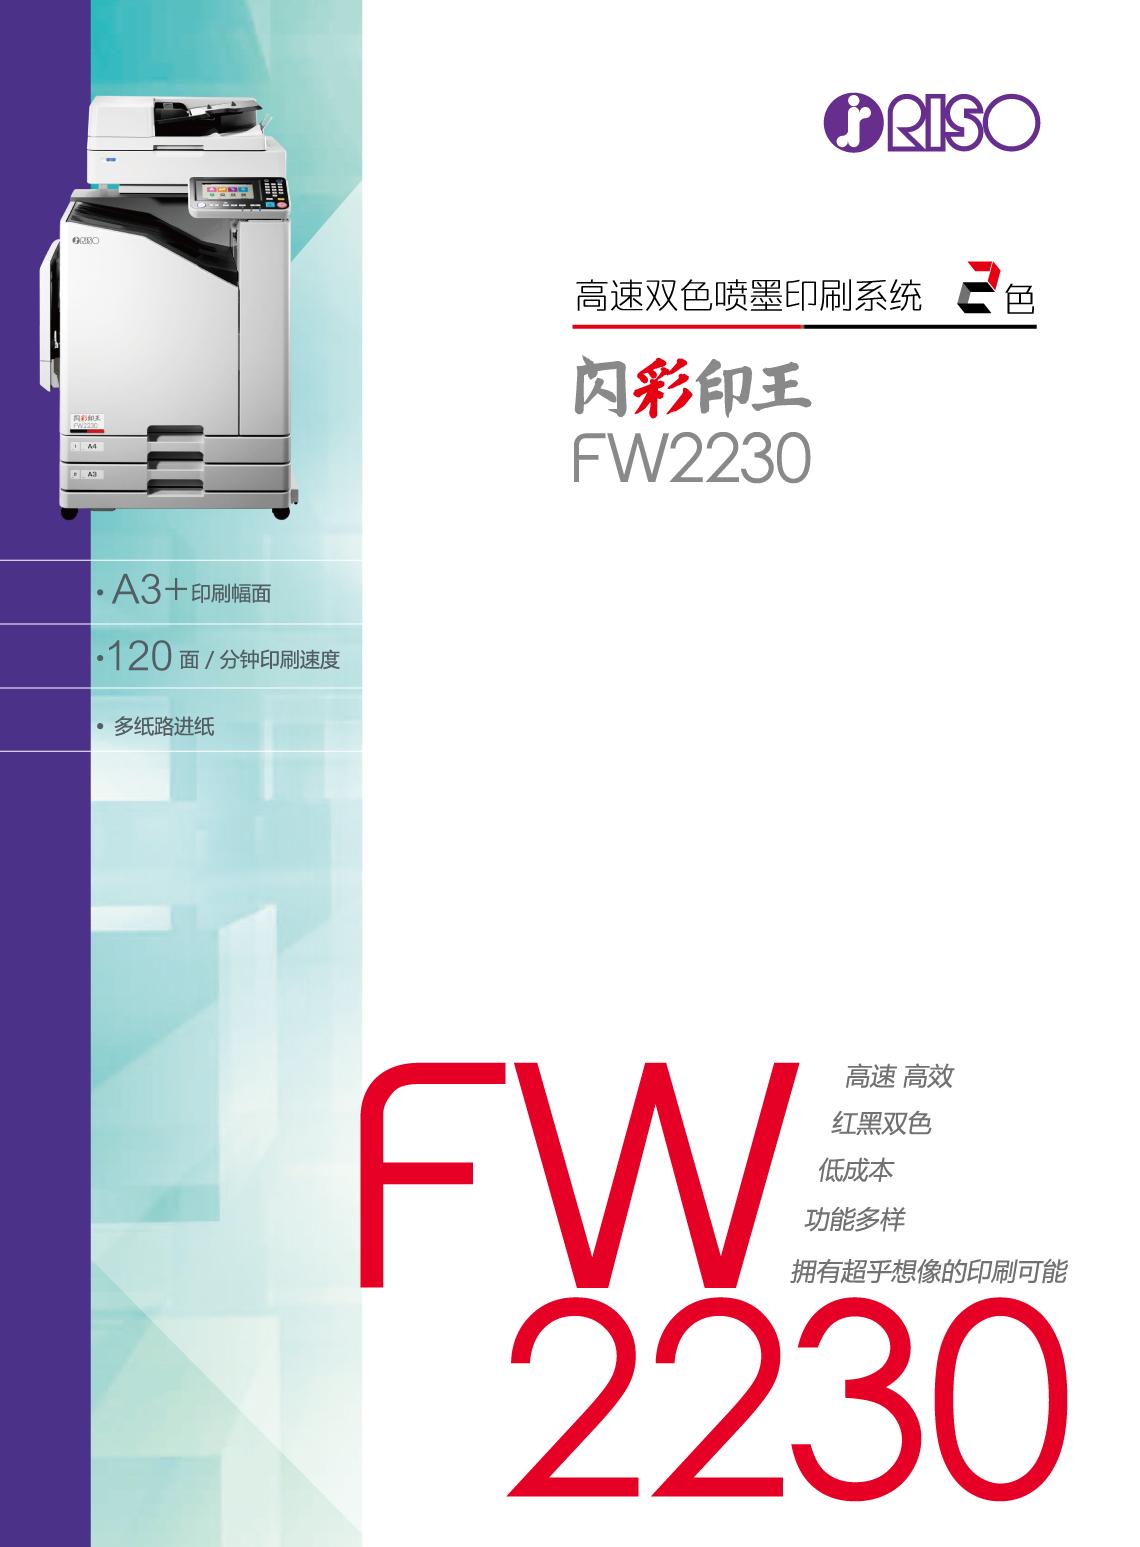 FW2230-1.jpg